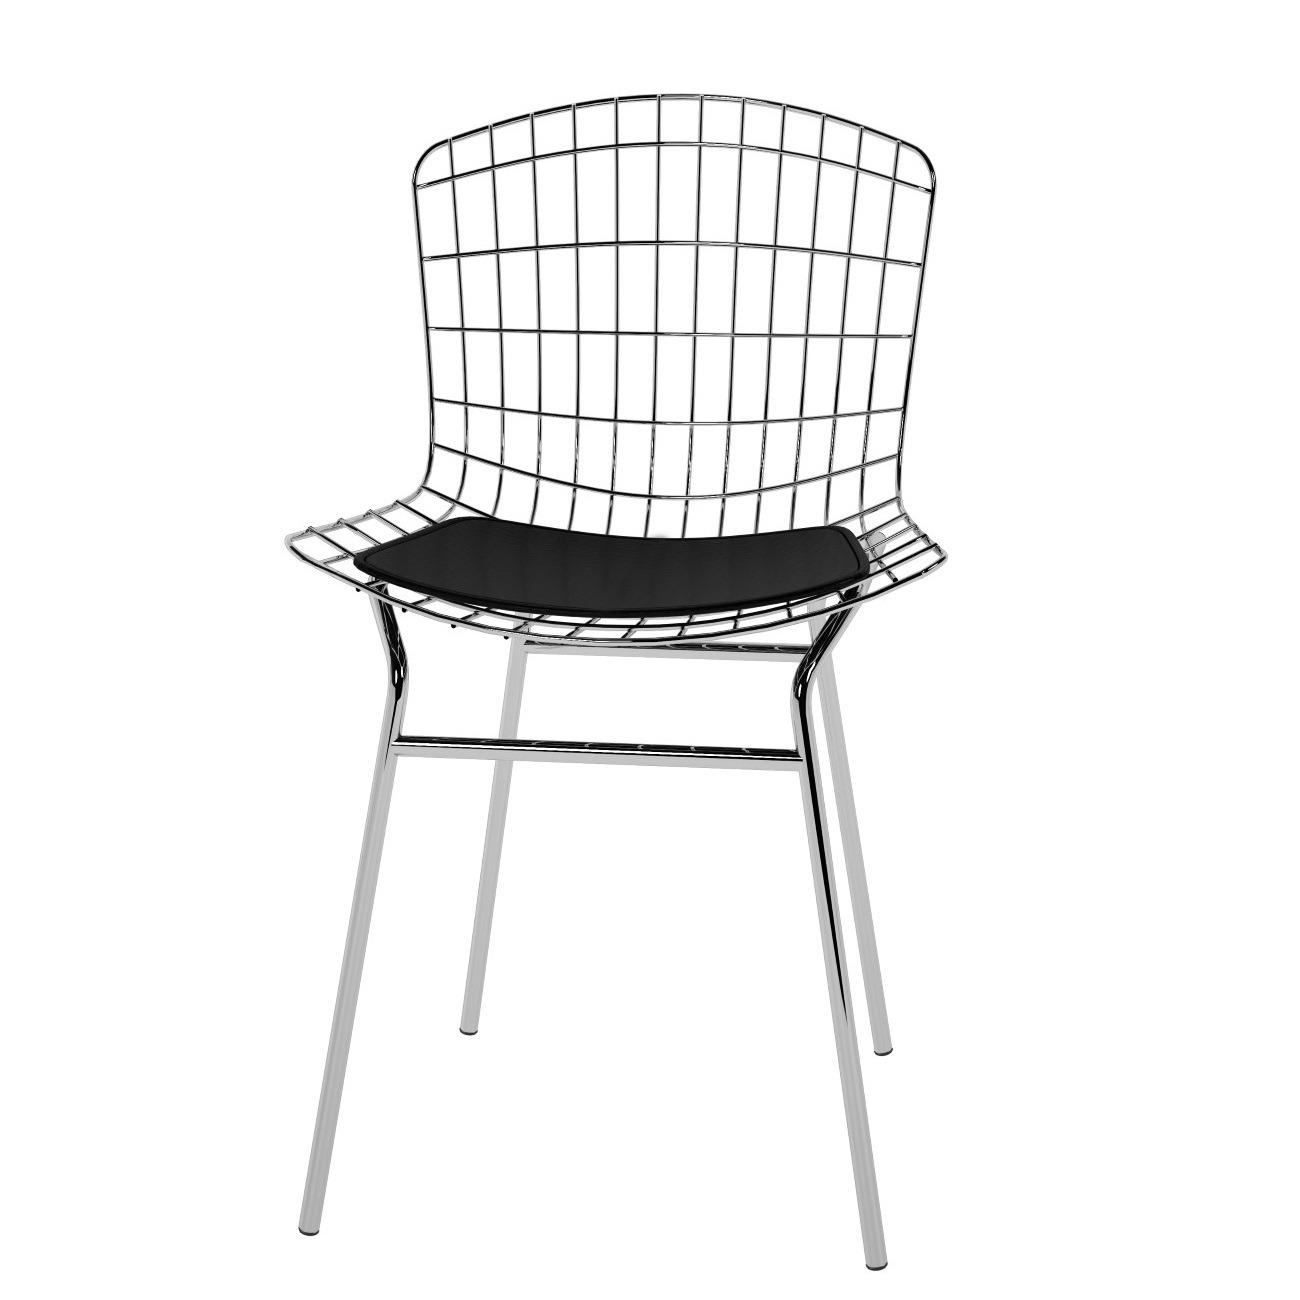 Cadeira Vinil Aco Carbono Preto PC220001 - Pozza